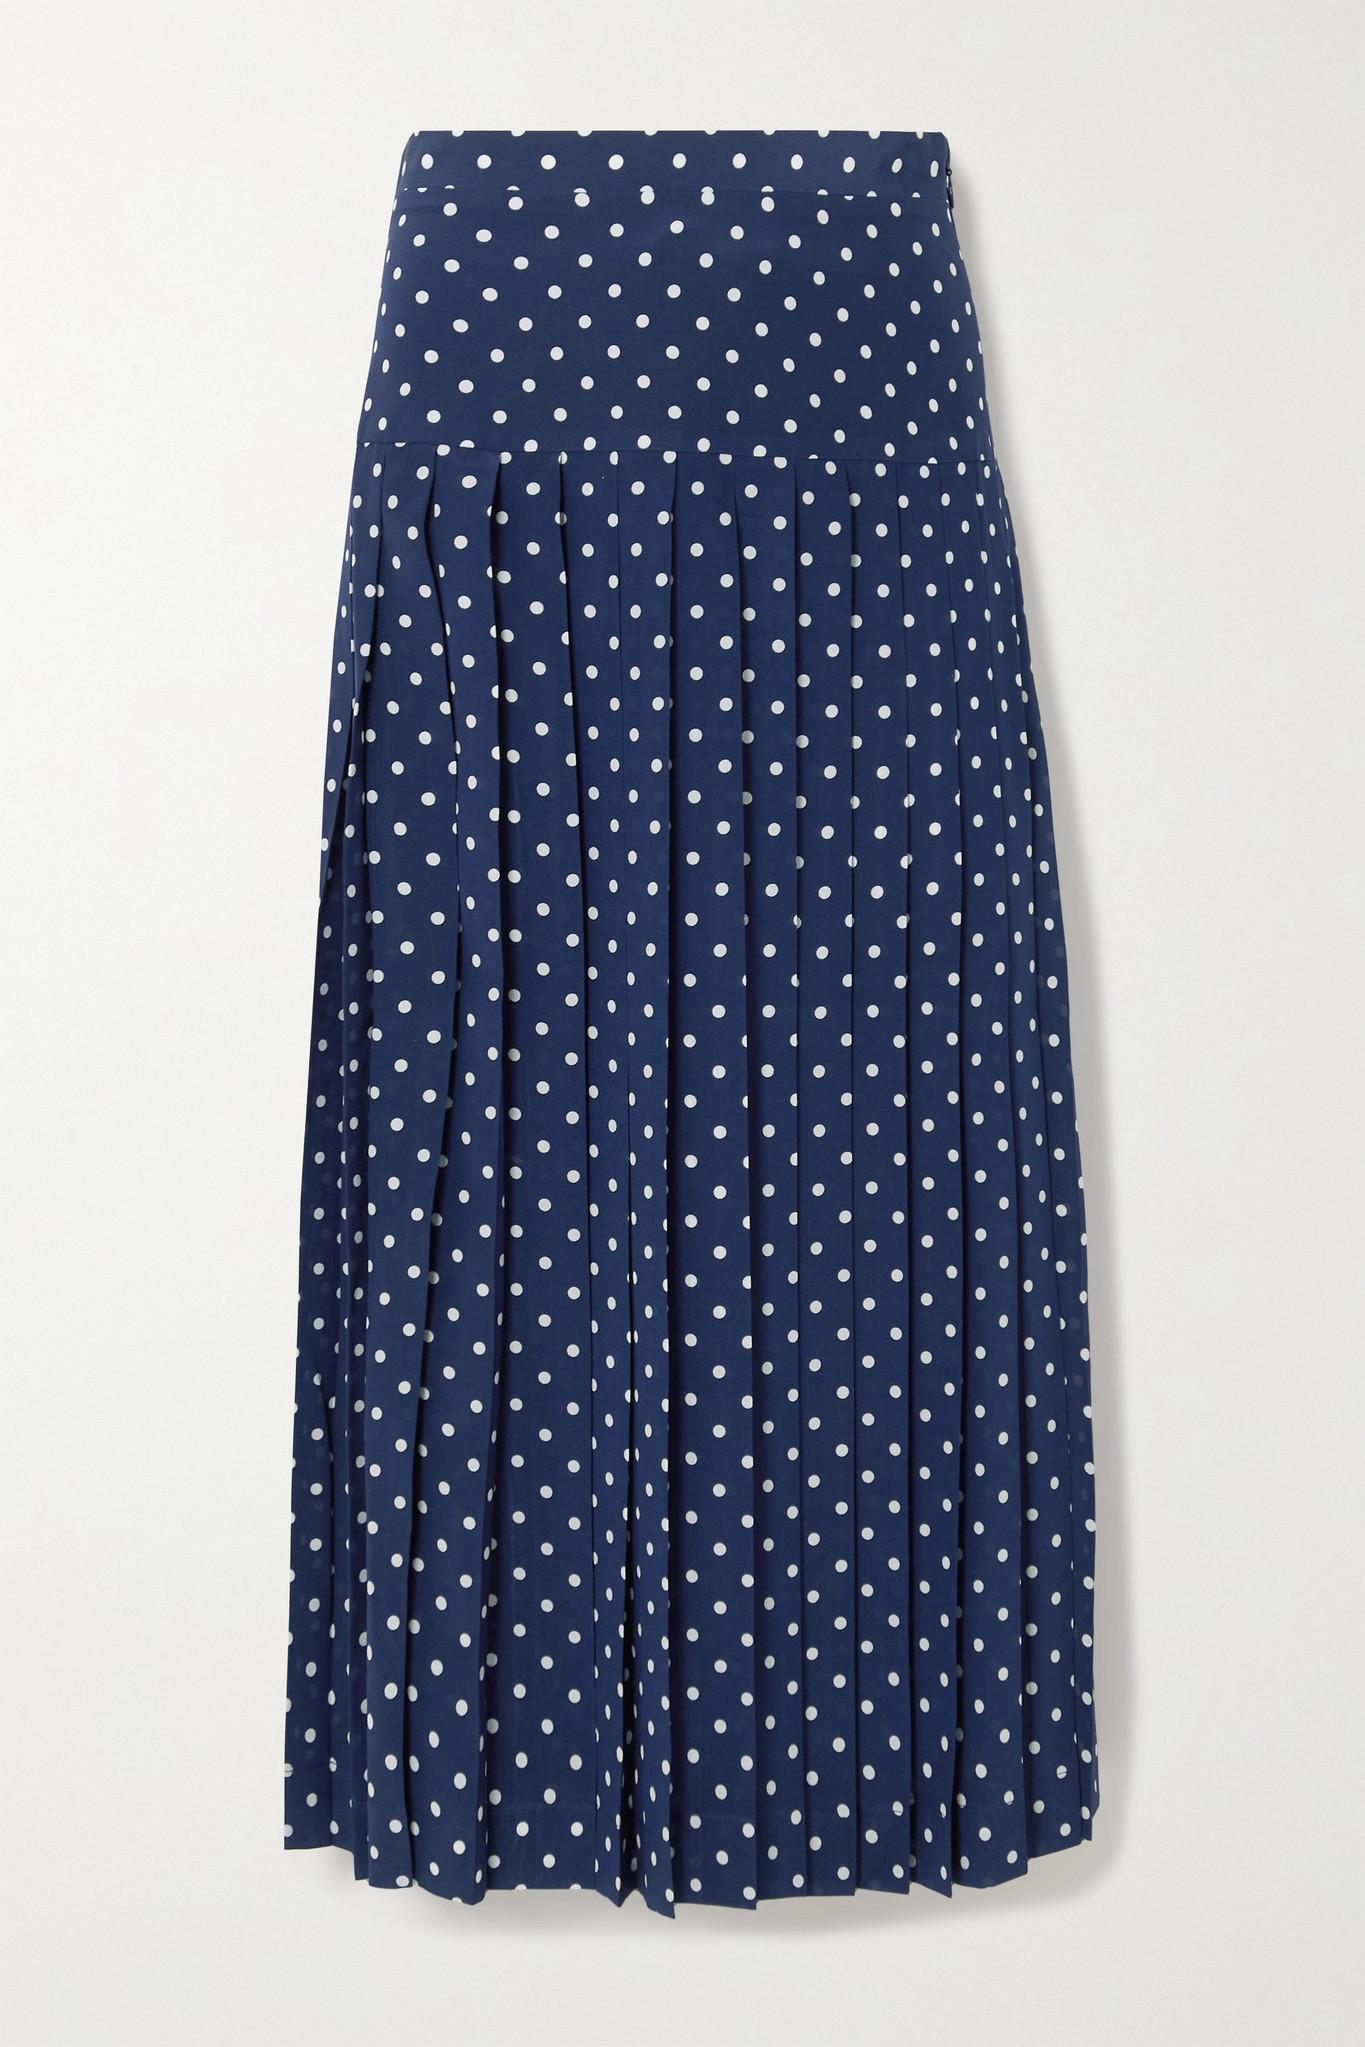 ALESSANDRA RICH - Pleated Polka-dot Silk Midi Skirt - Blue - IT40